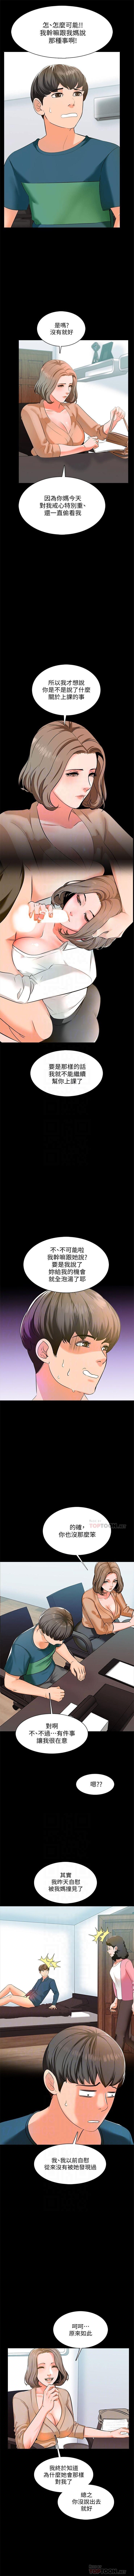 家教老师  1-9 中文翻译 (更新中) 50